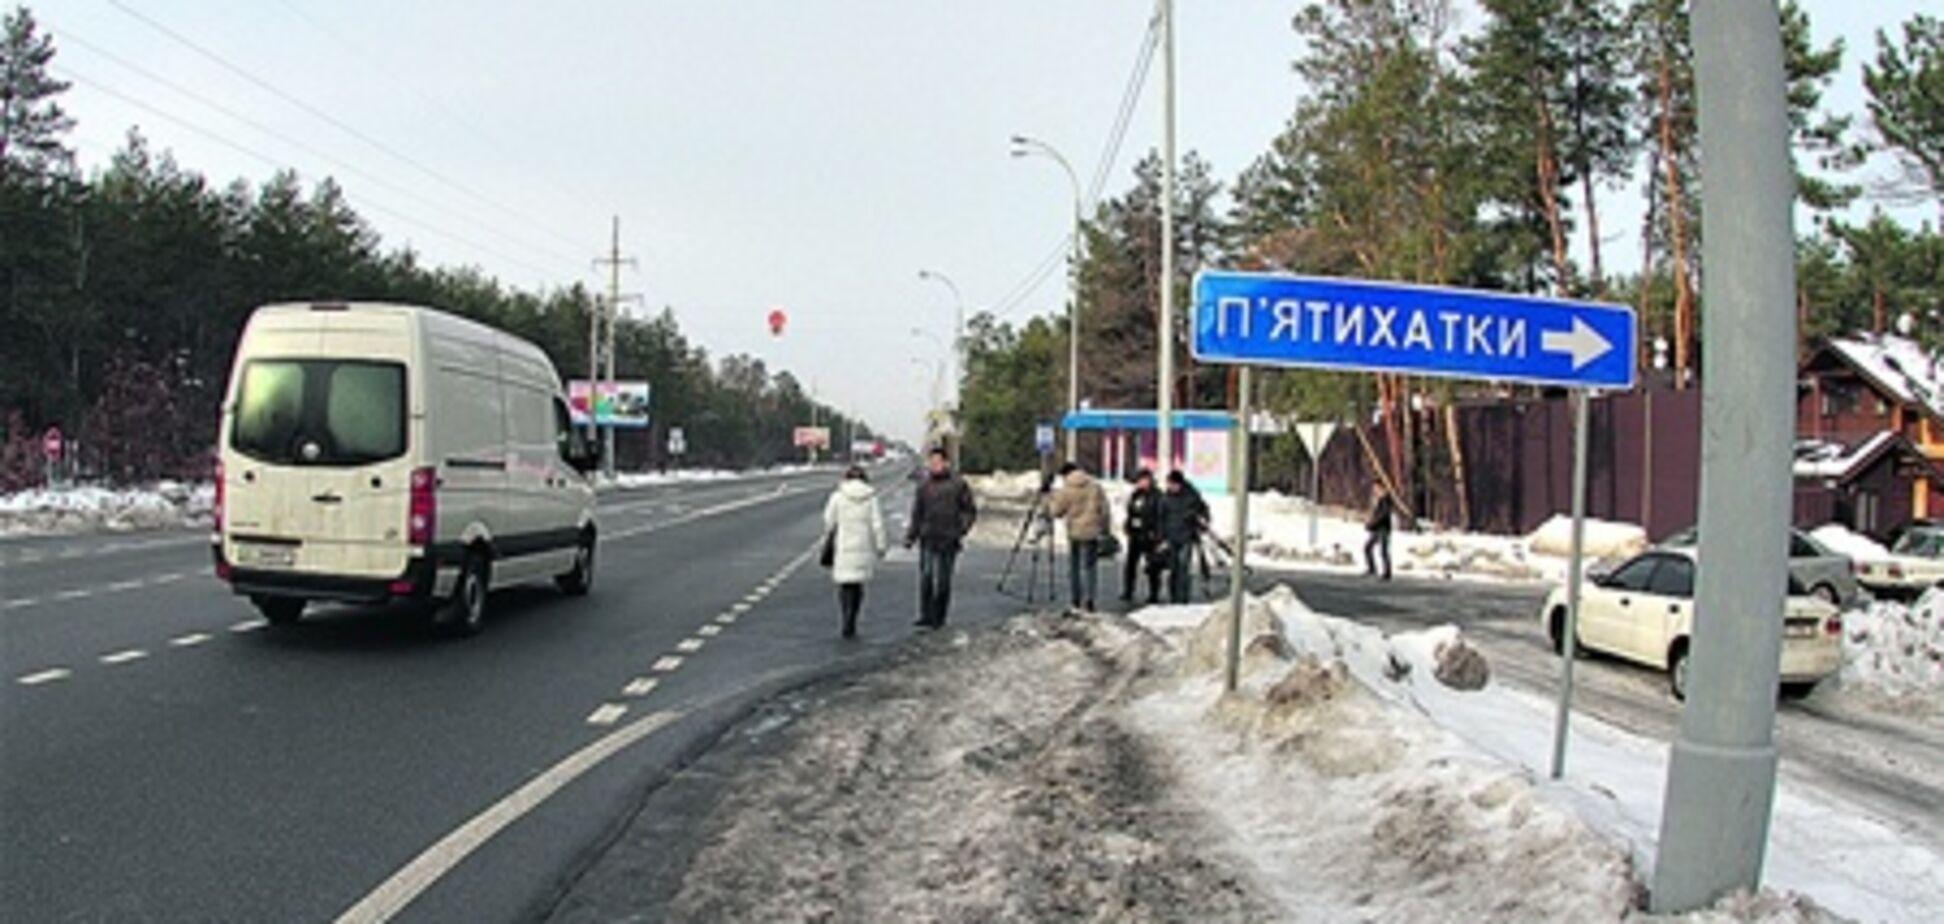 Жертва ДТП за участю Меладзе 40 днів тому поховала батька